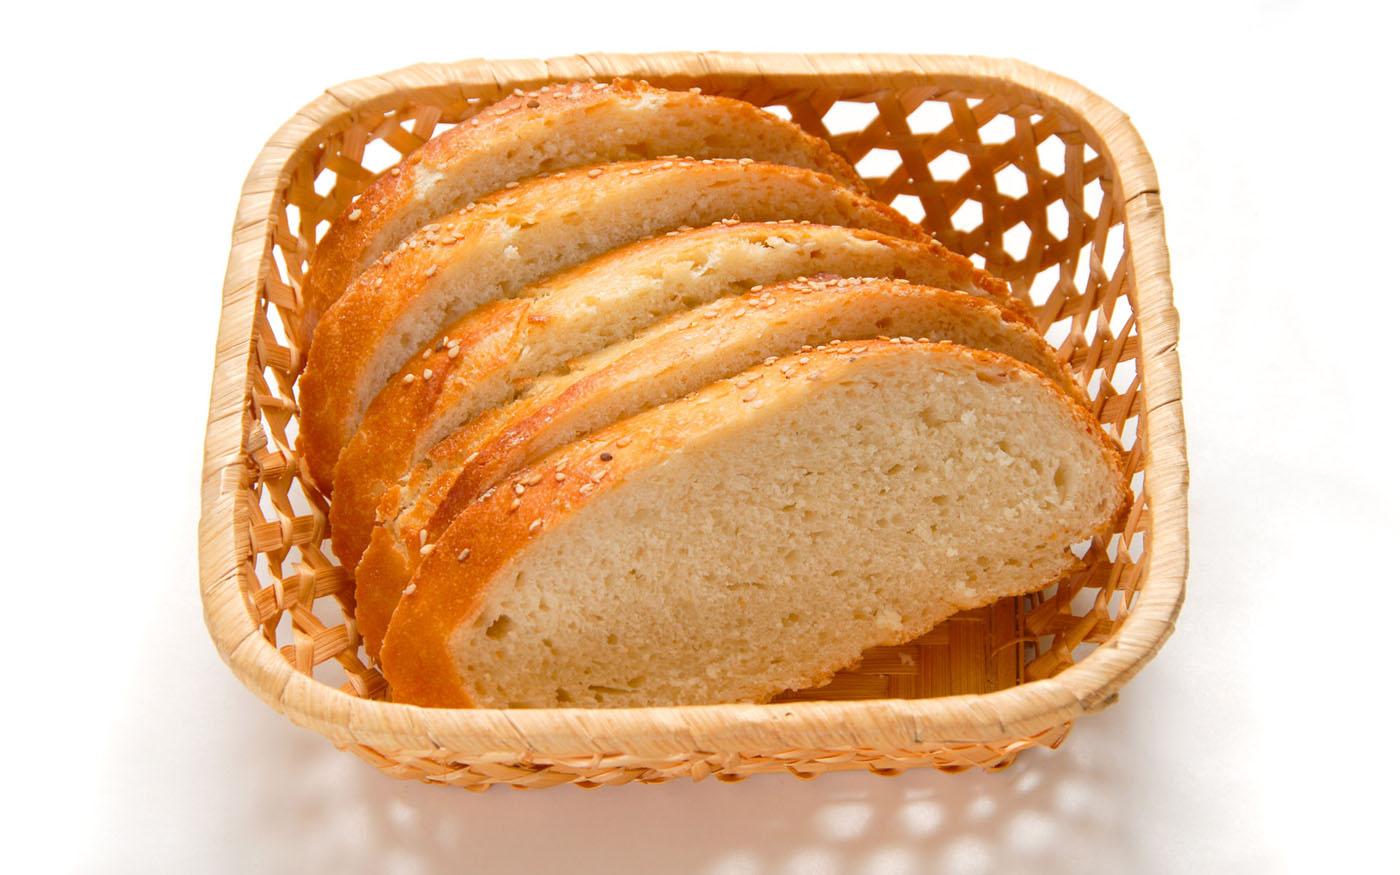 para disfrutar de un riquísimo pan